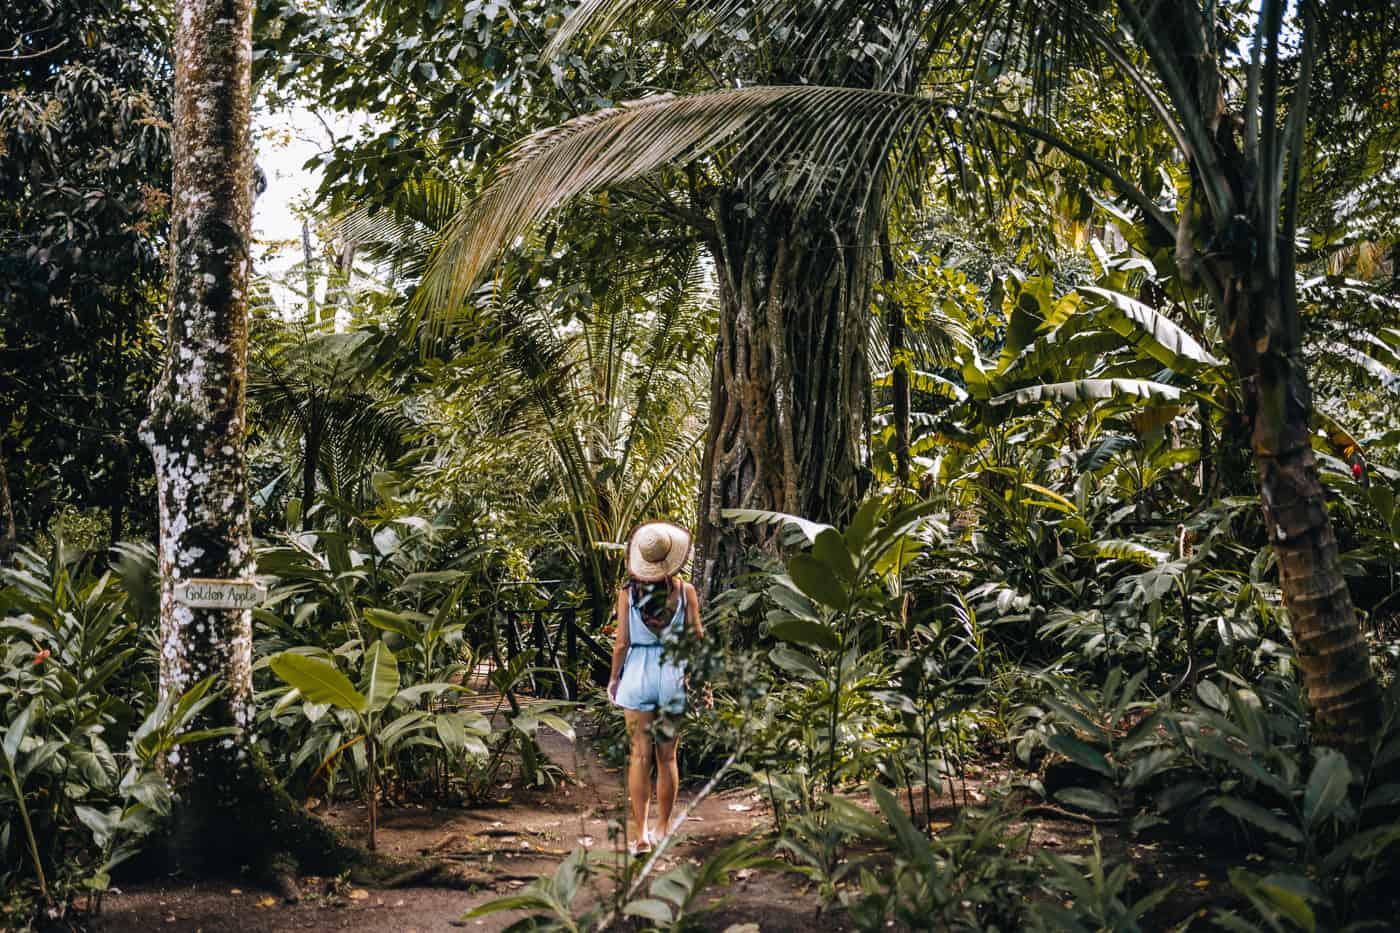 Saint Lucia - Tipps, Sehenswürdigkeiten, Strände & Ausflugsziele auf der Karibik-Insel: Fond Doux Plantation